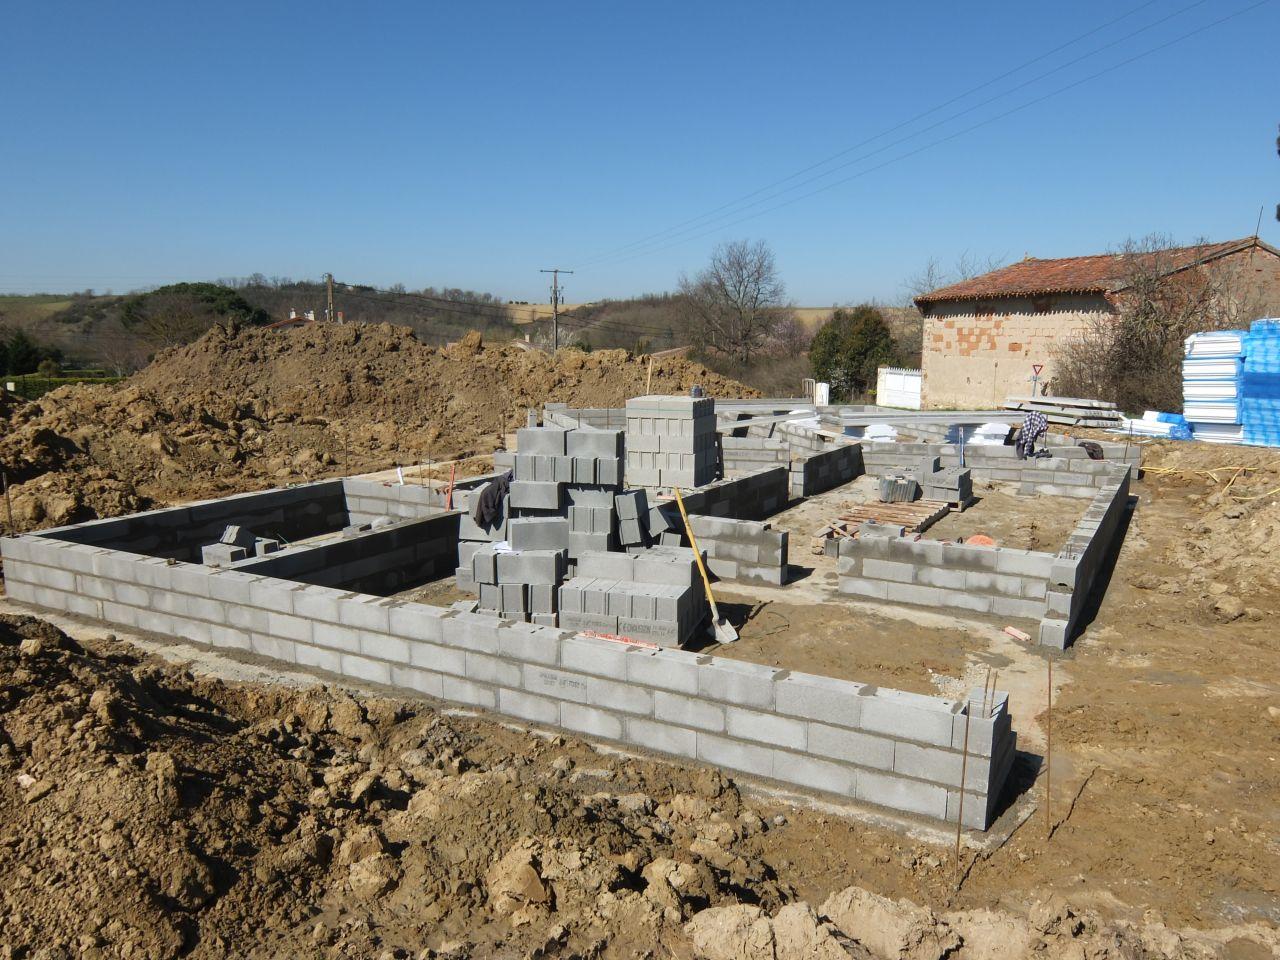 Tracage et ouverture des fouilles fondations vide sanitaire vieillevigne - Ouverture vide sanitaire ...